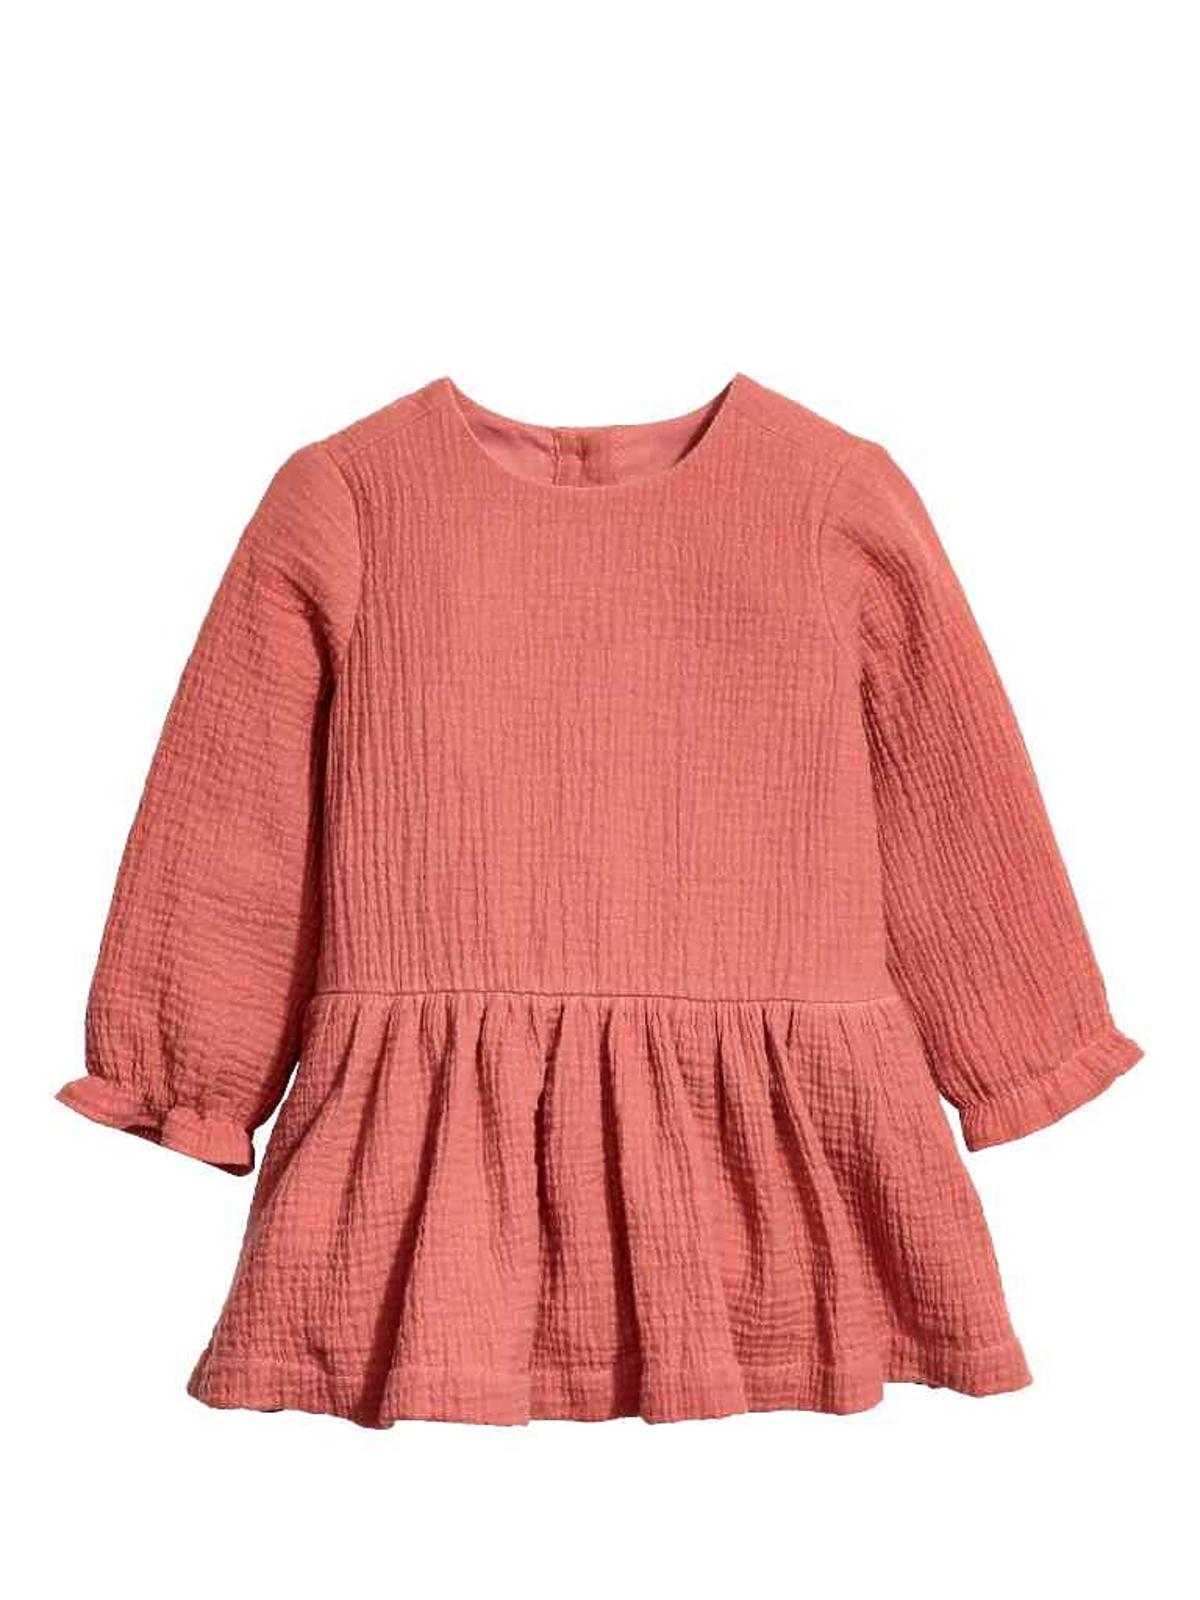 Wyprzedaż H&M jesień zima 2016: Bawełniana sukienka dziewczęca (50-92 cm), cena: 48,90 zł (po przecenie)